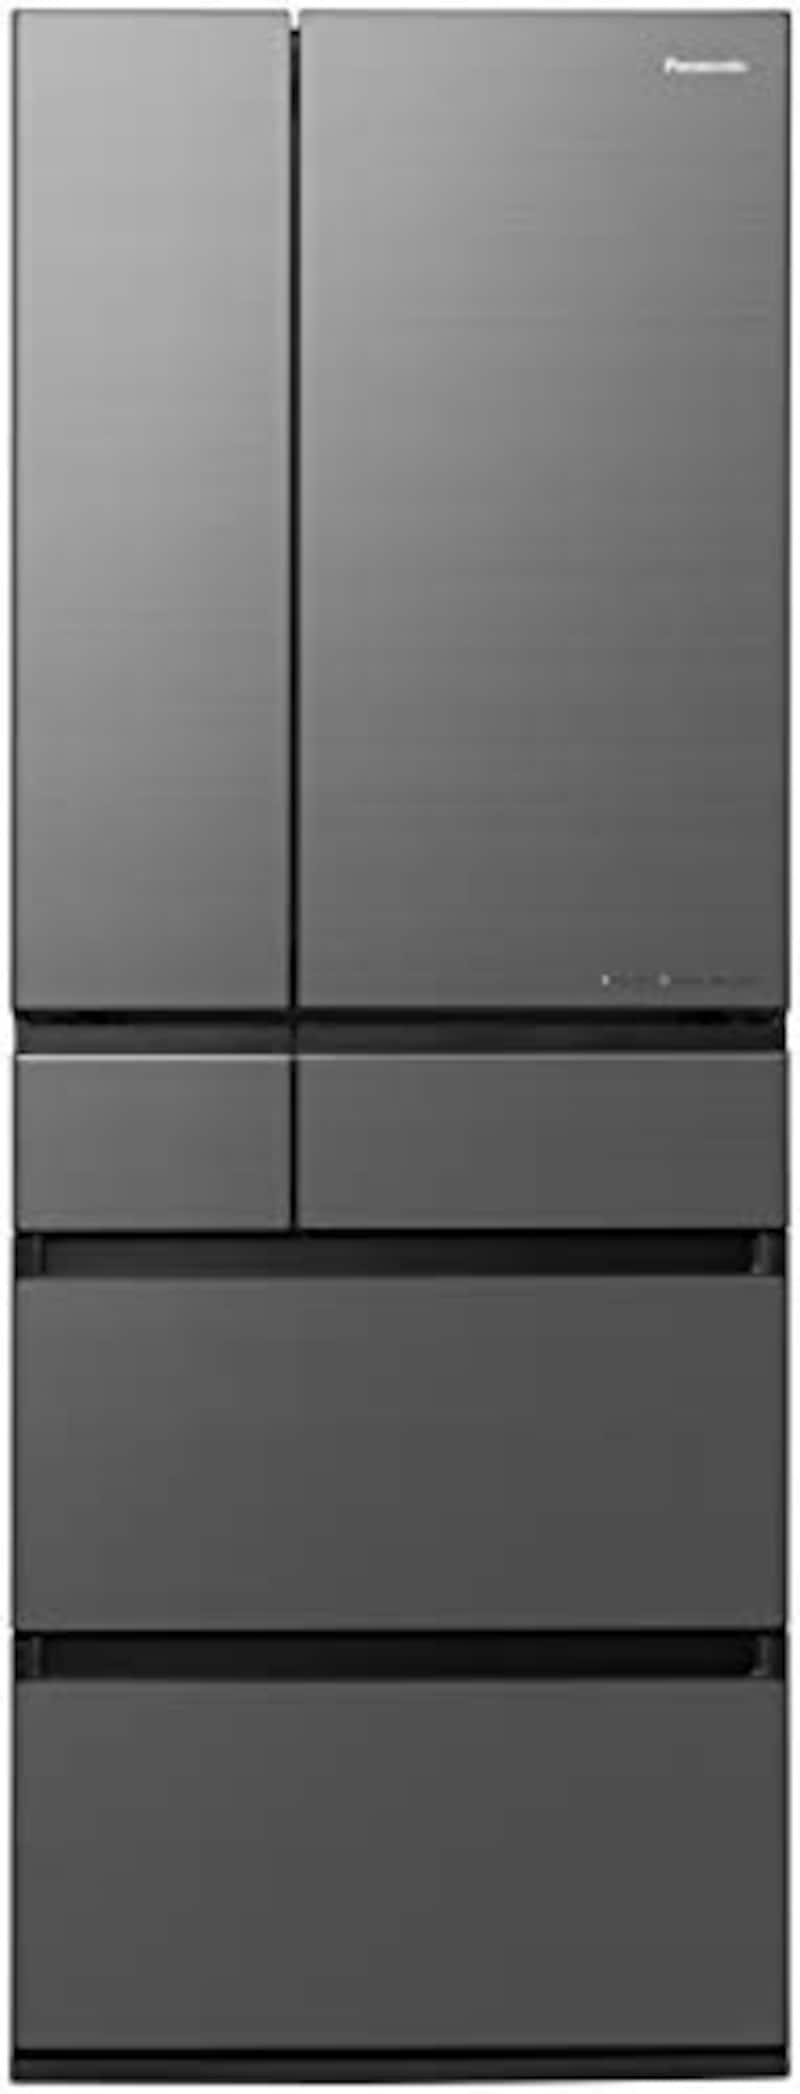 Panasonic(パナソニック),IoT対応冷蔵庫 WPXシリーズ,NR-F607WPX-H